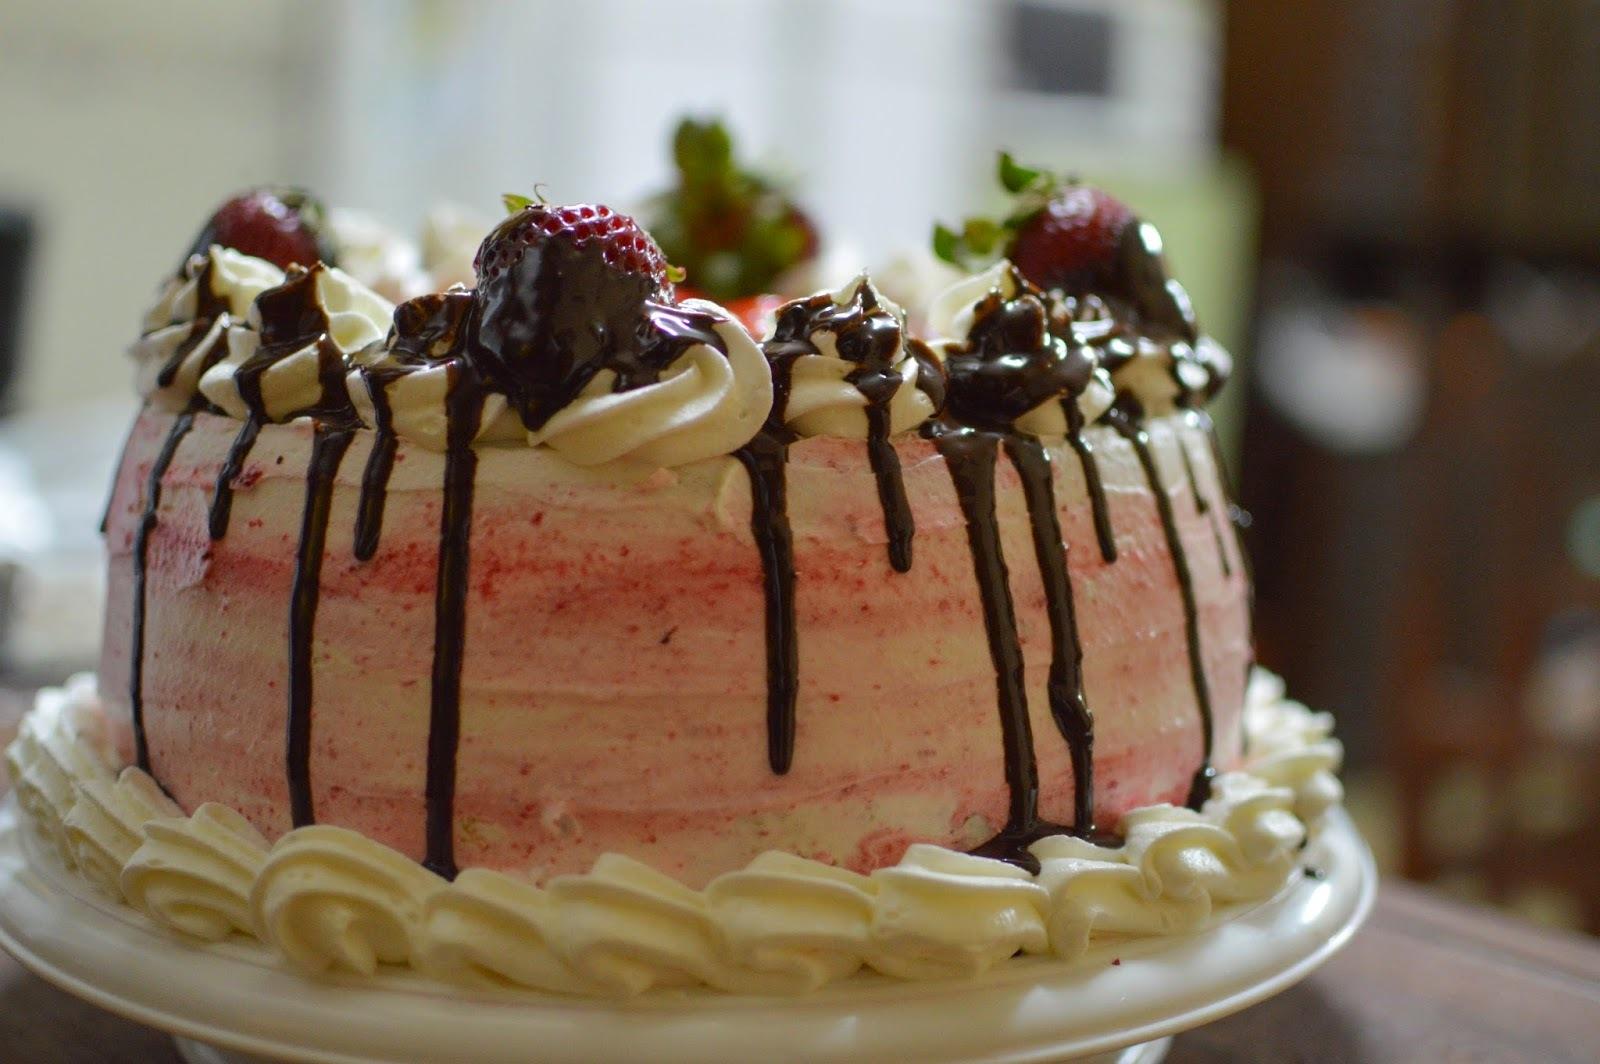 Torta de frutillas | Cómo decorar una torta